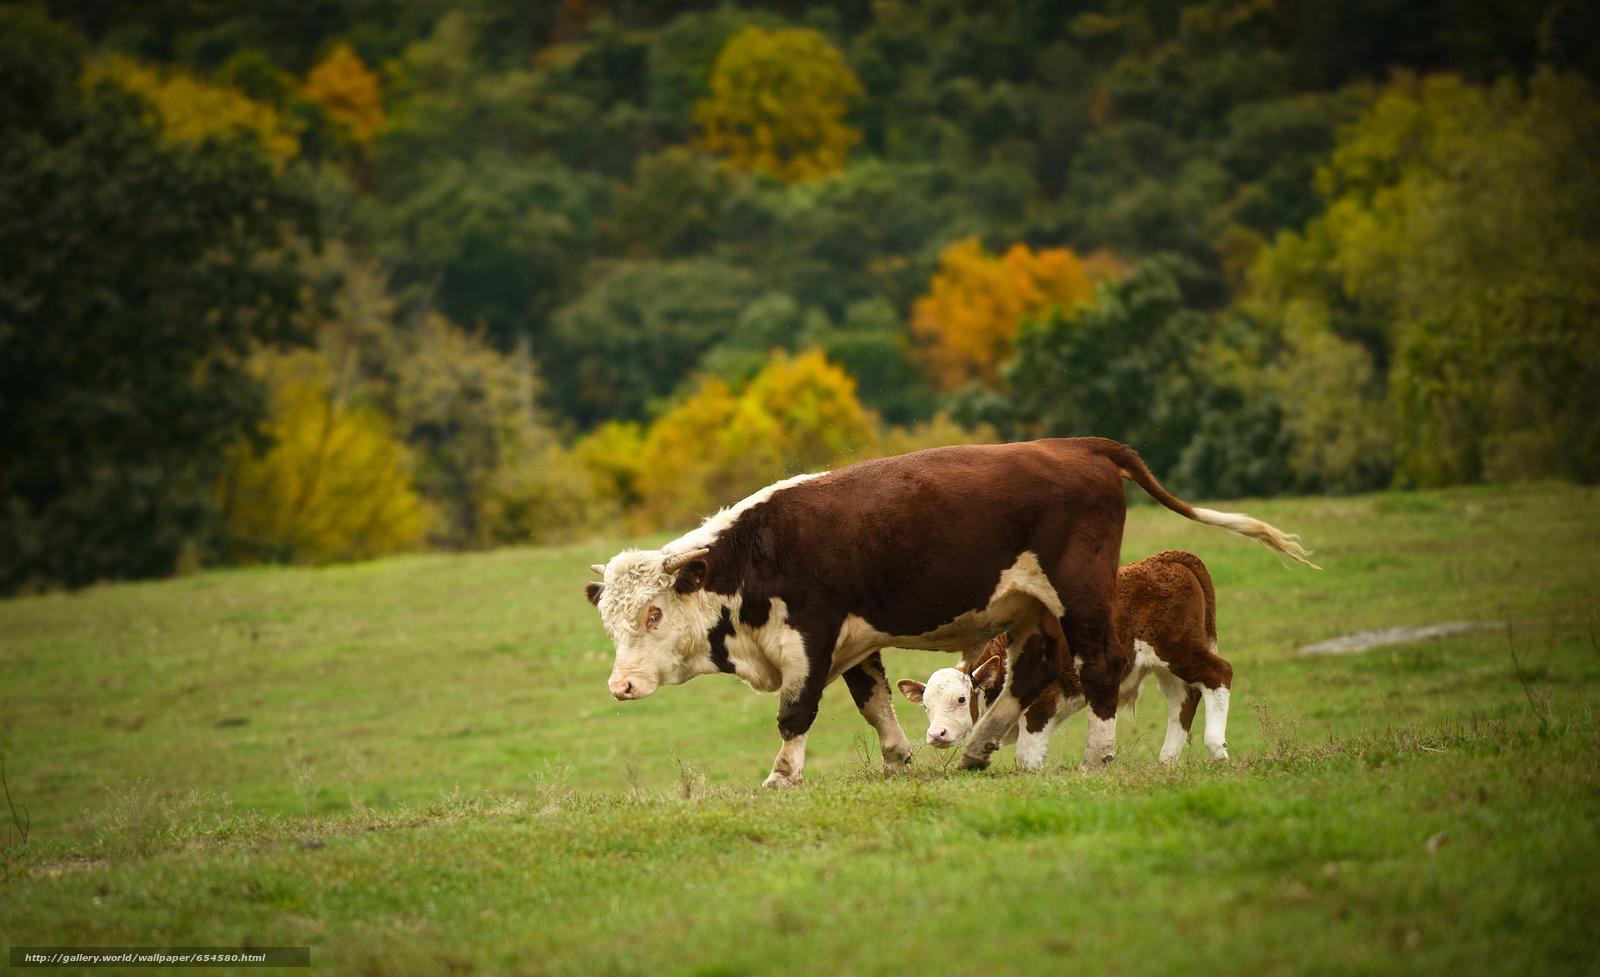 Скачать обои корова,  коровы,  теленок,  природа бесплатно для рабочего стола в разрешении 2048x1251 — картинка №654580